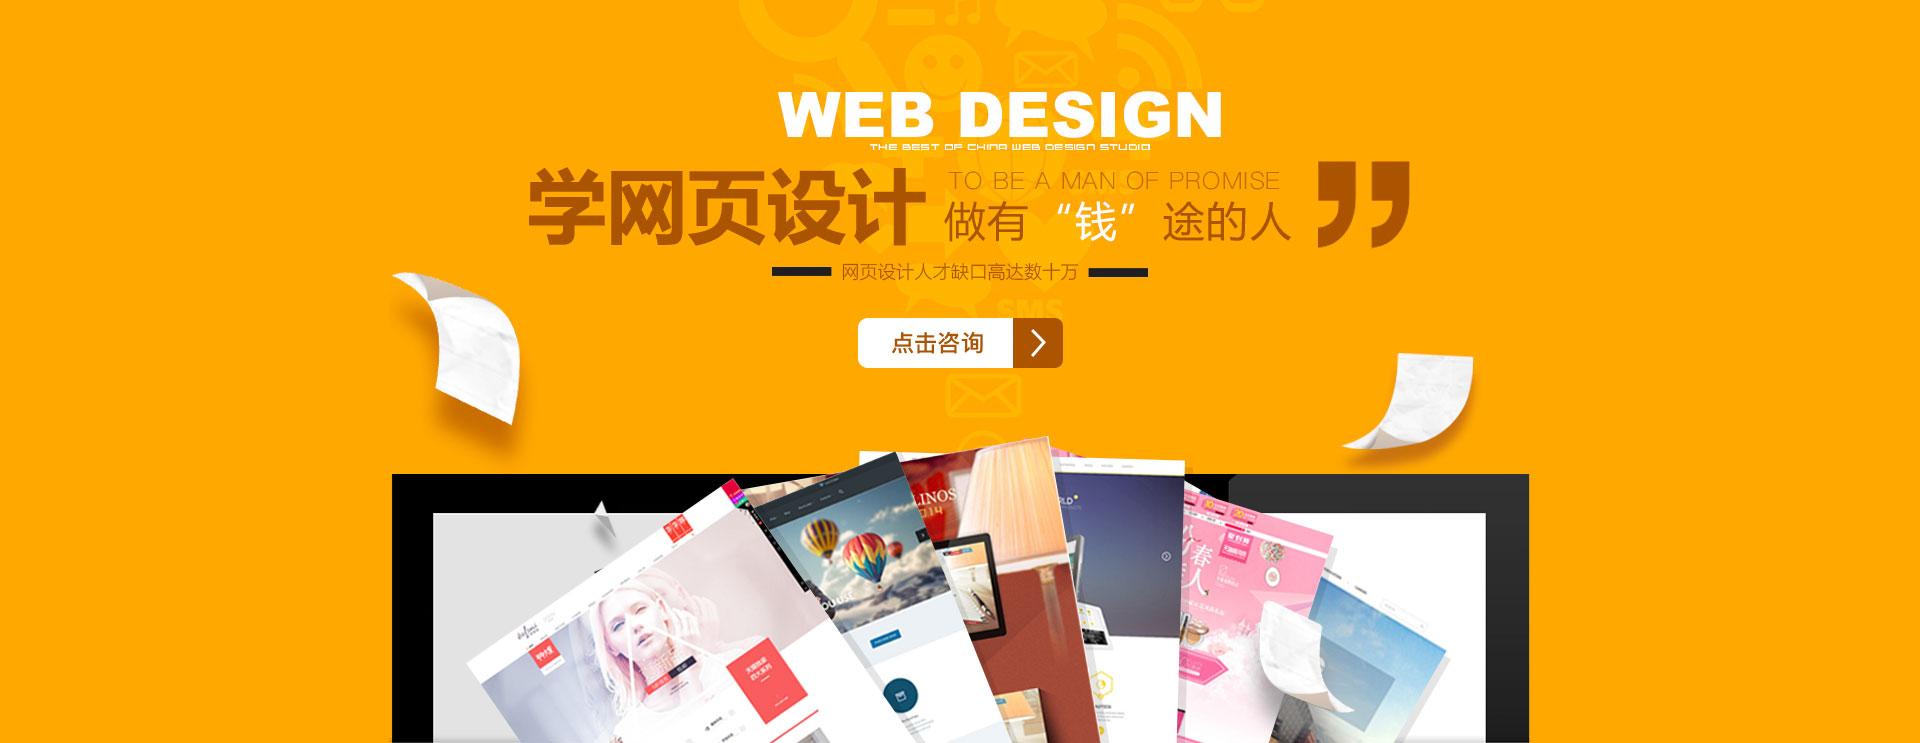 唐人学校网页设计